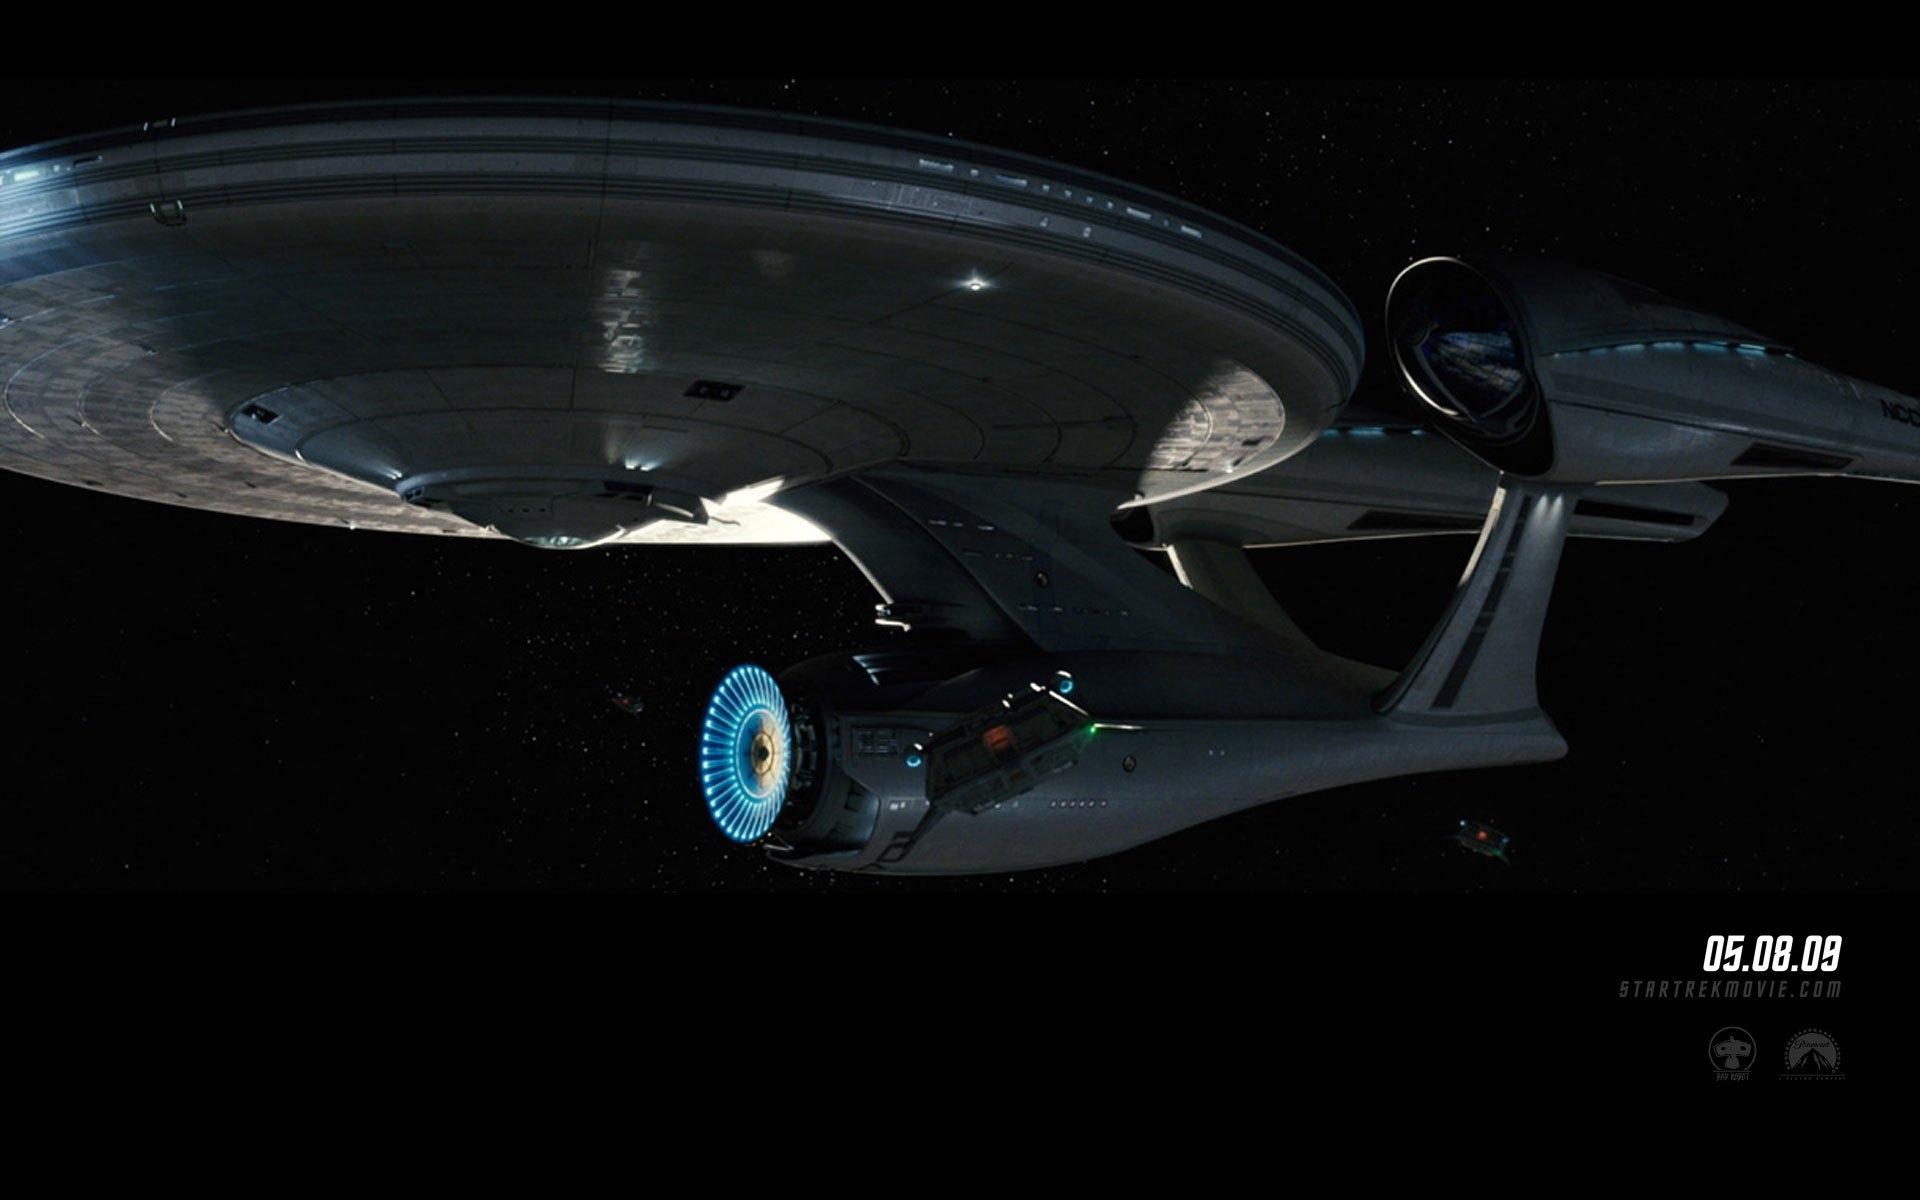 star trek 2009 enterprise 245178 - walldevil